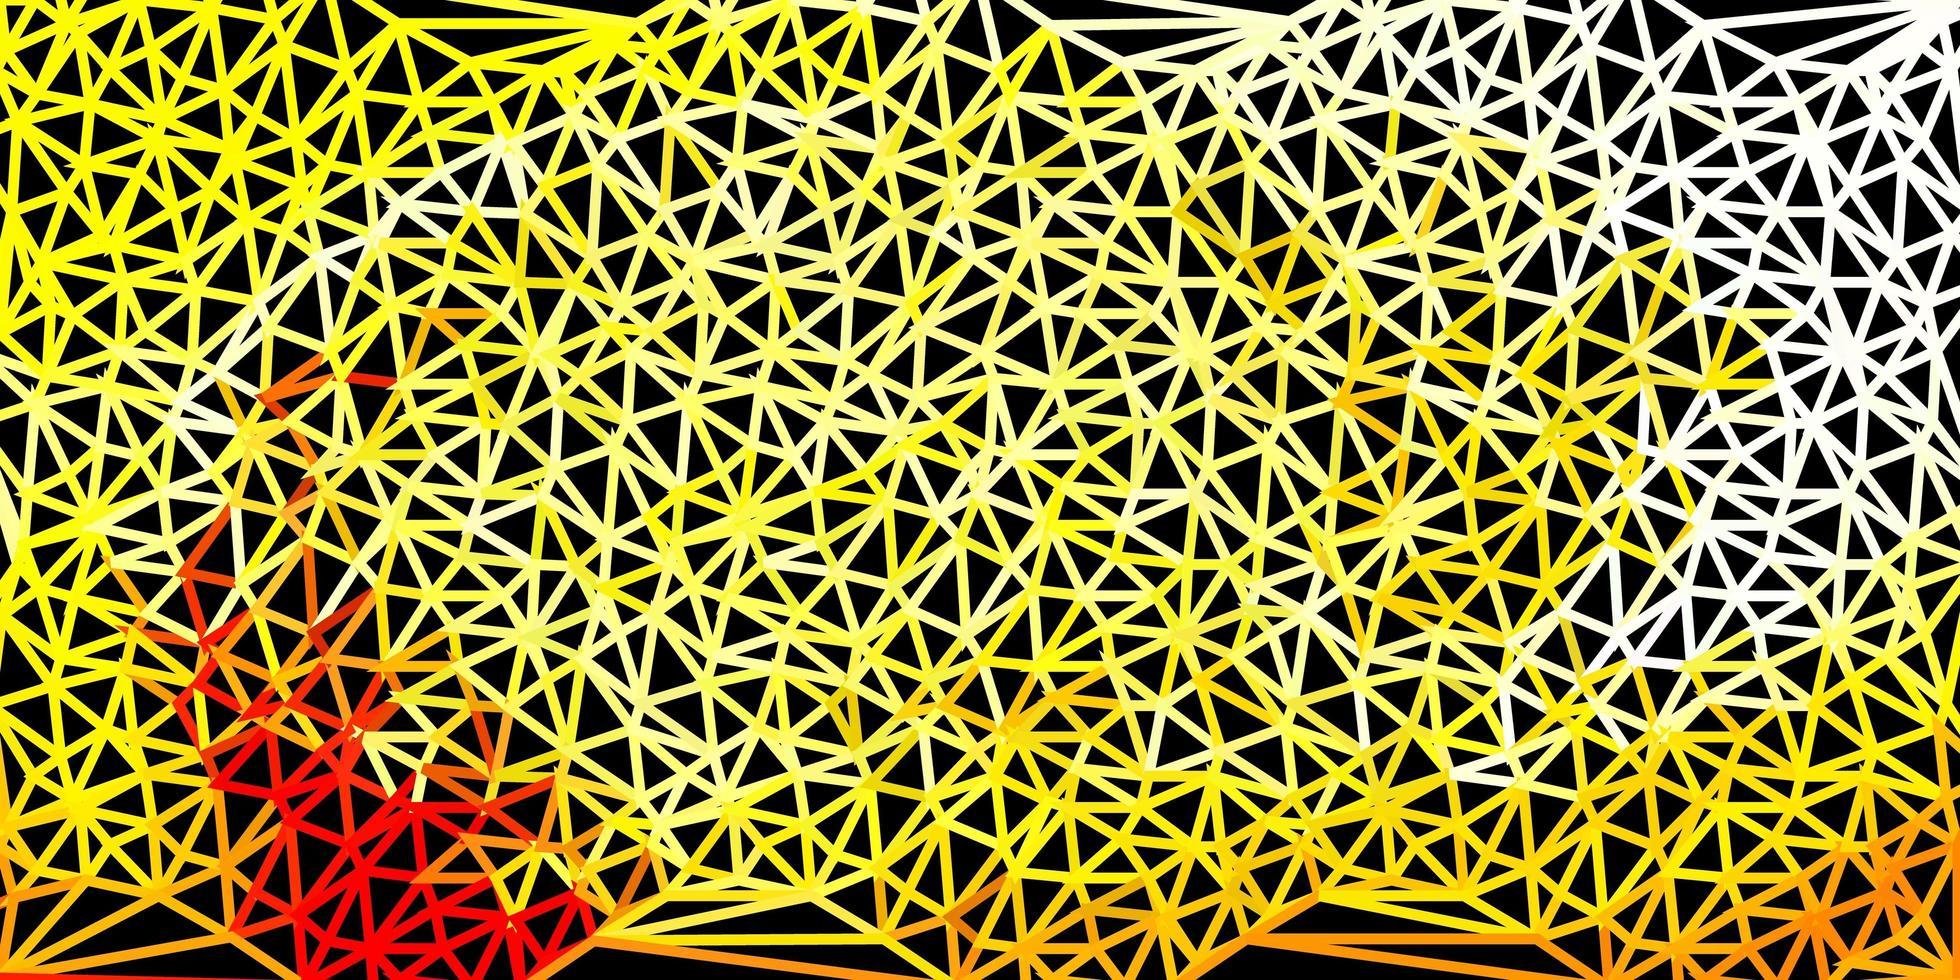 fond de mosaïque triangle vecteur rouge et jaune clair.